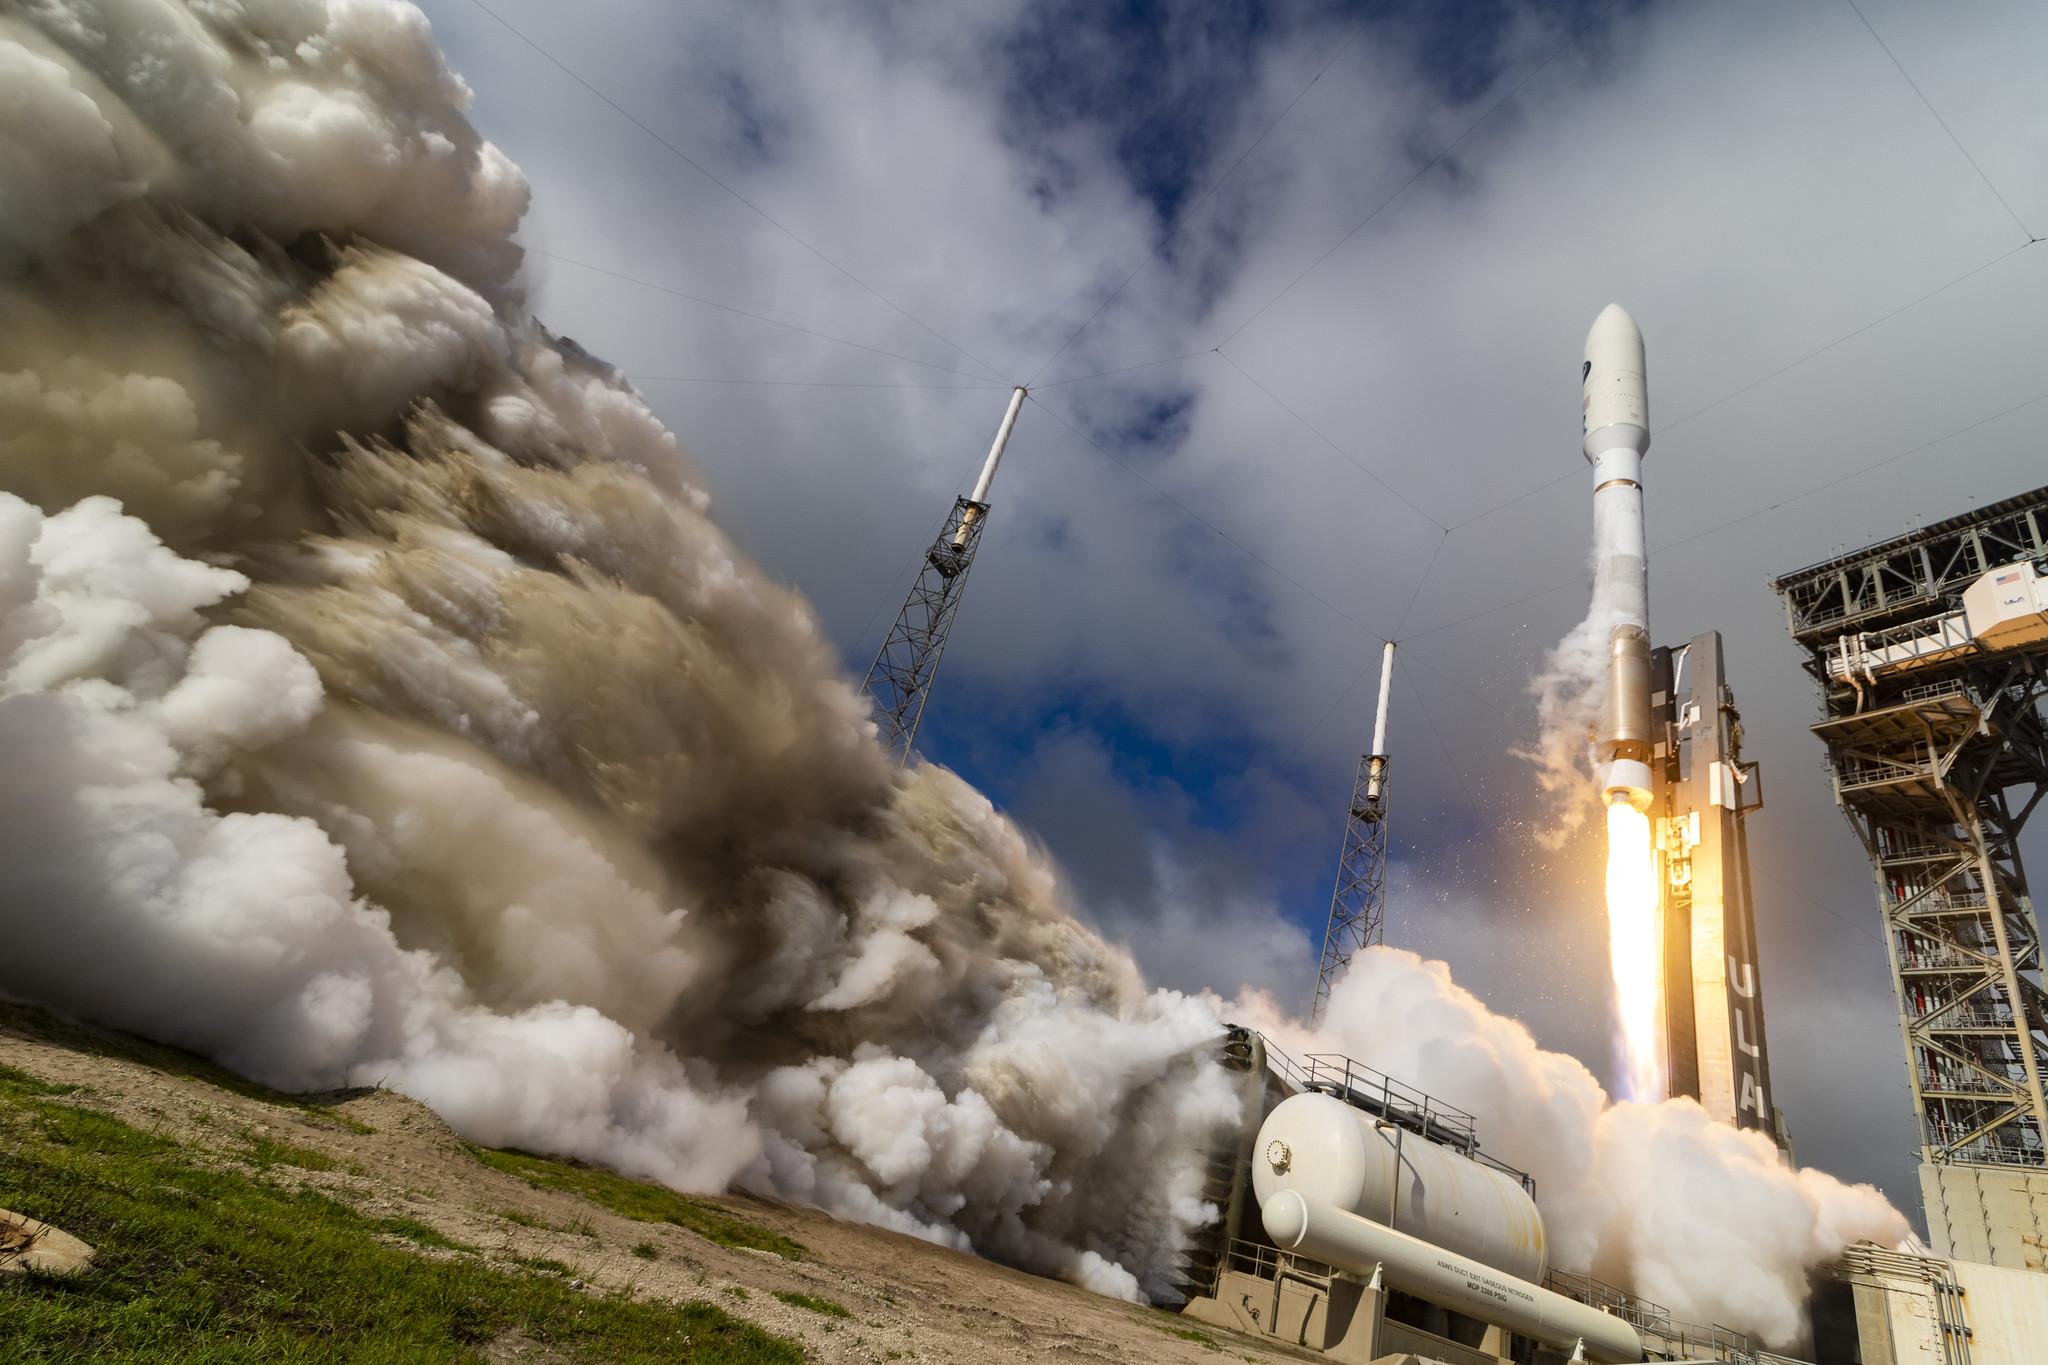 Lanzado el avión espacial X-37B en su sexta misión